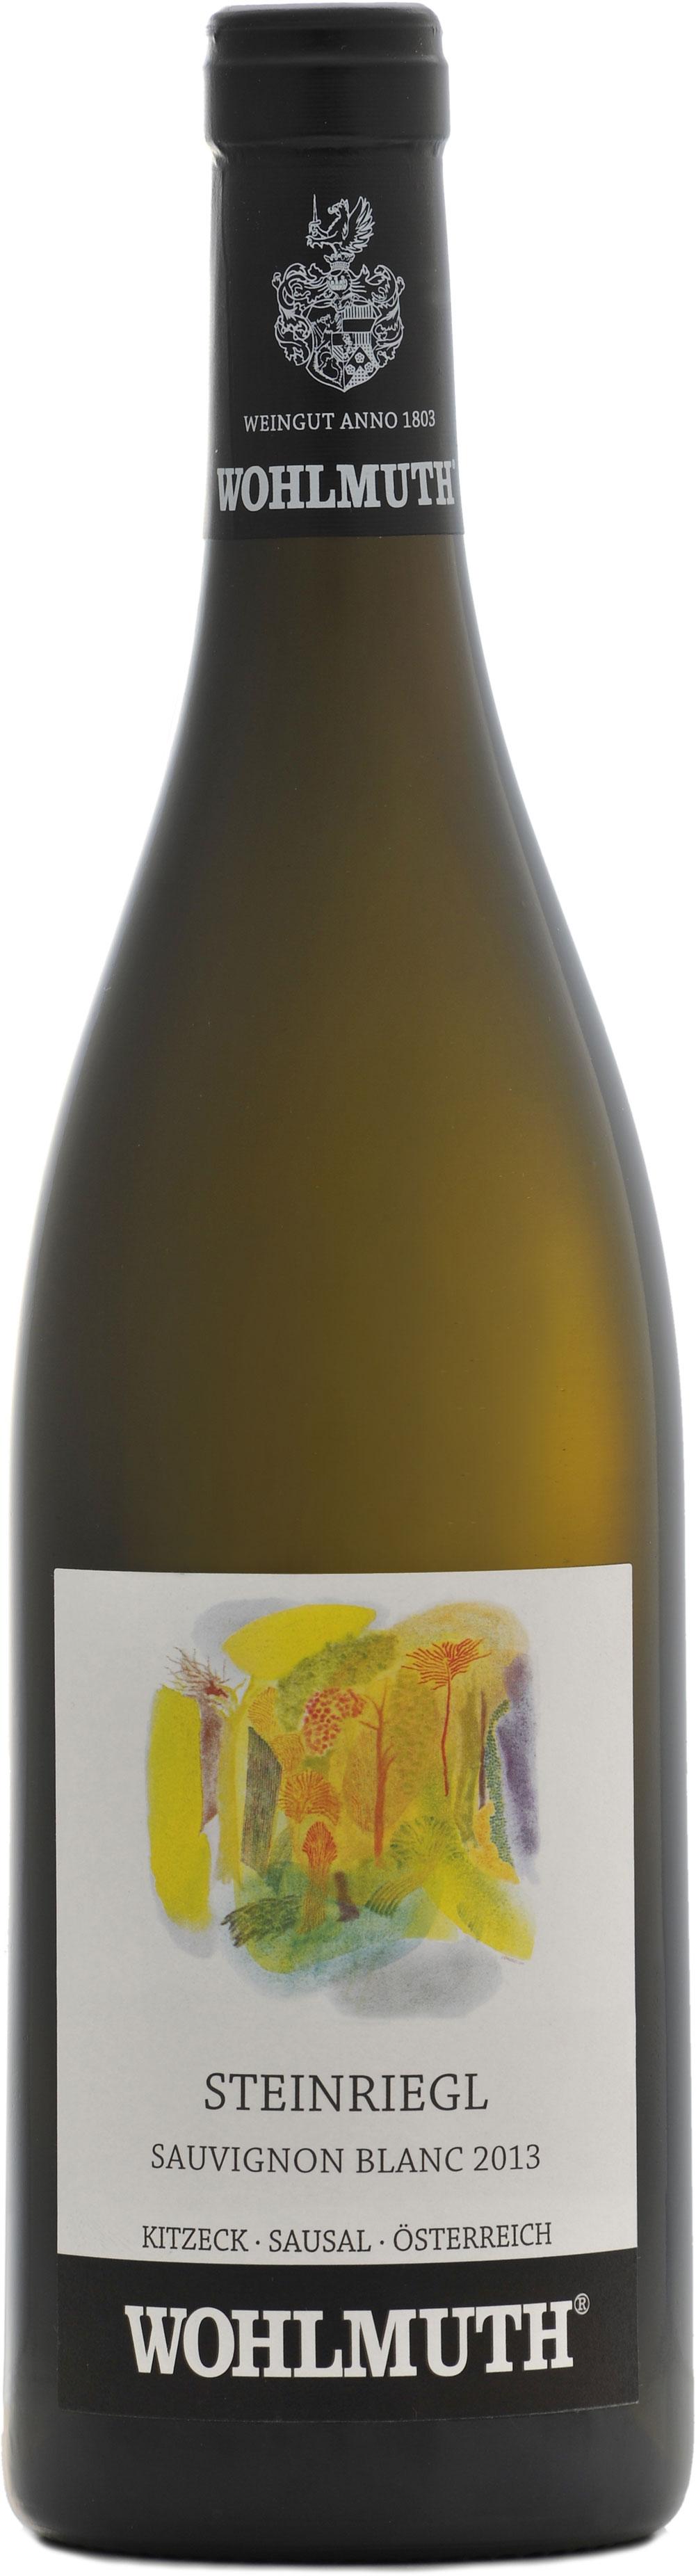 2015 Wohlmuth Sauvignon Blanc Steinriegl Südsteiermark